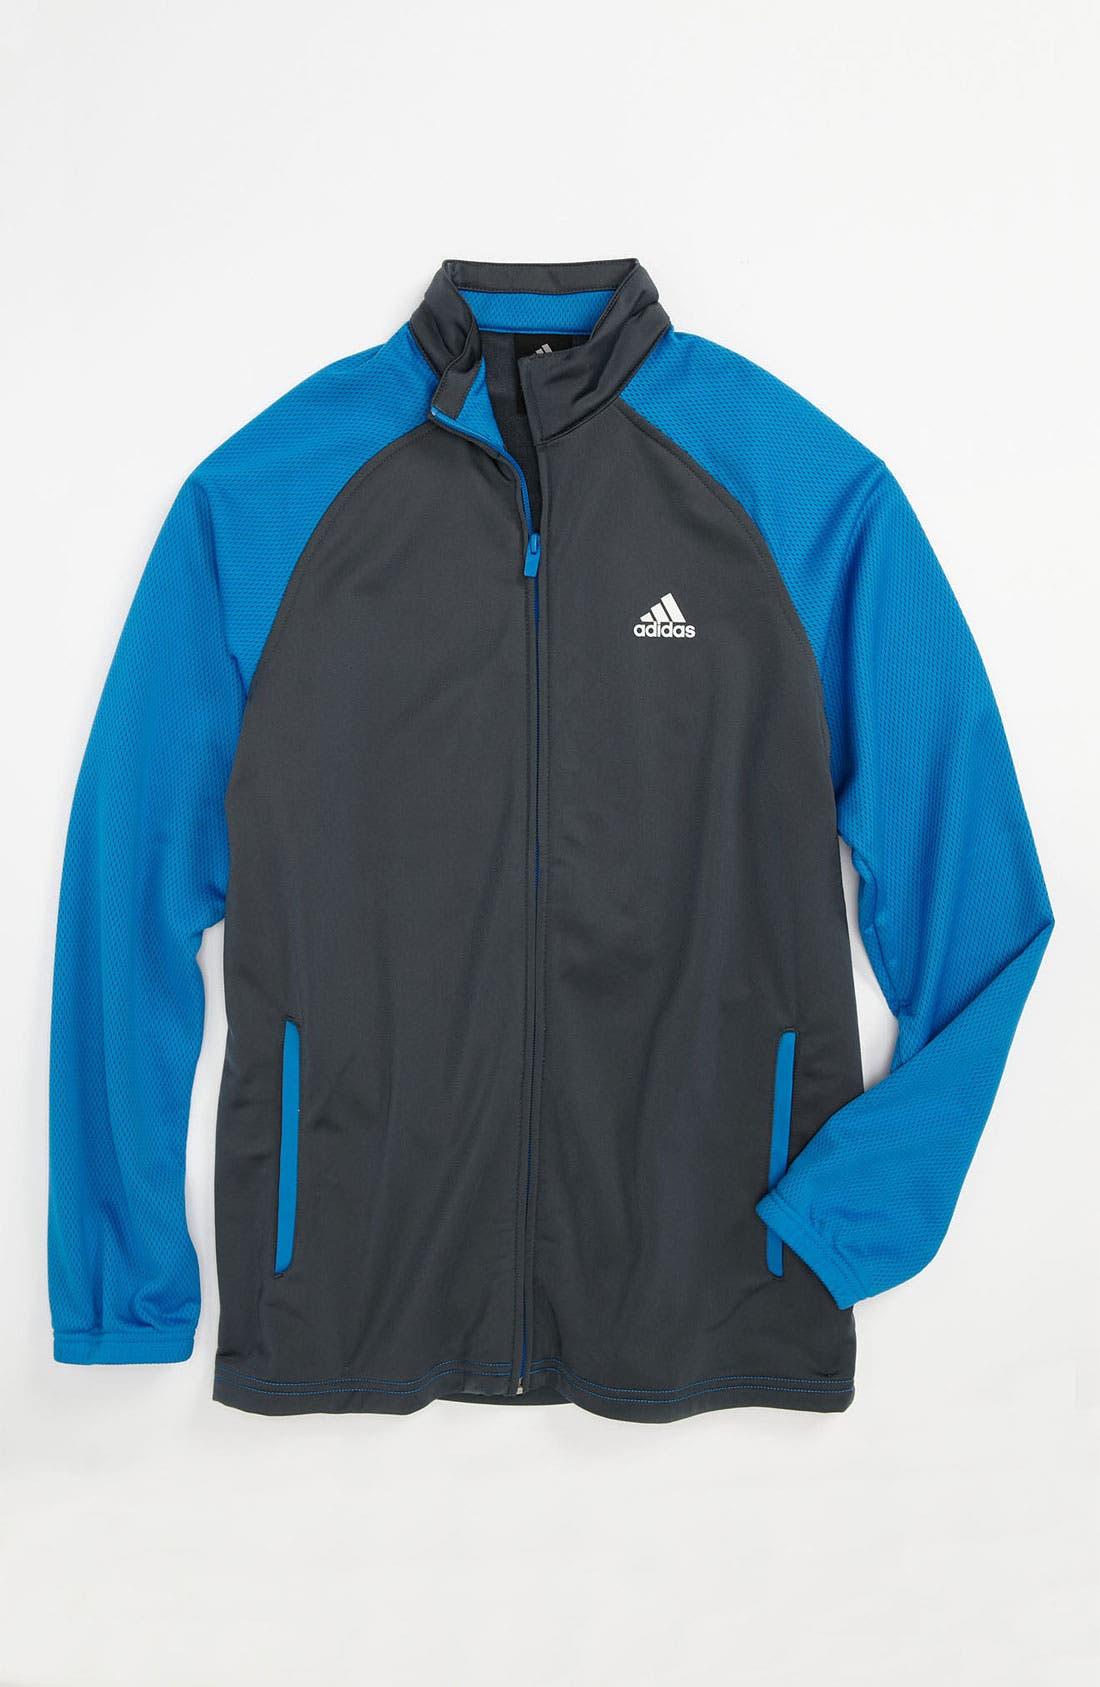 Main Image - adidas 'Pro Model' Jacket (Big Boys)